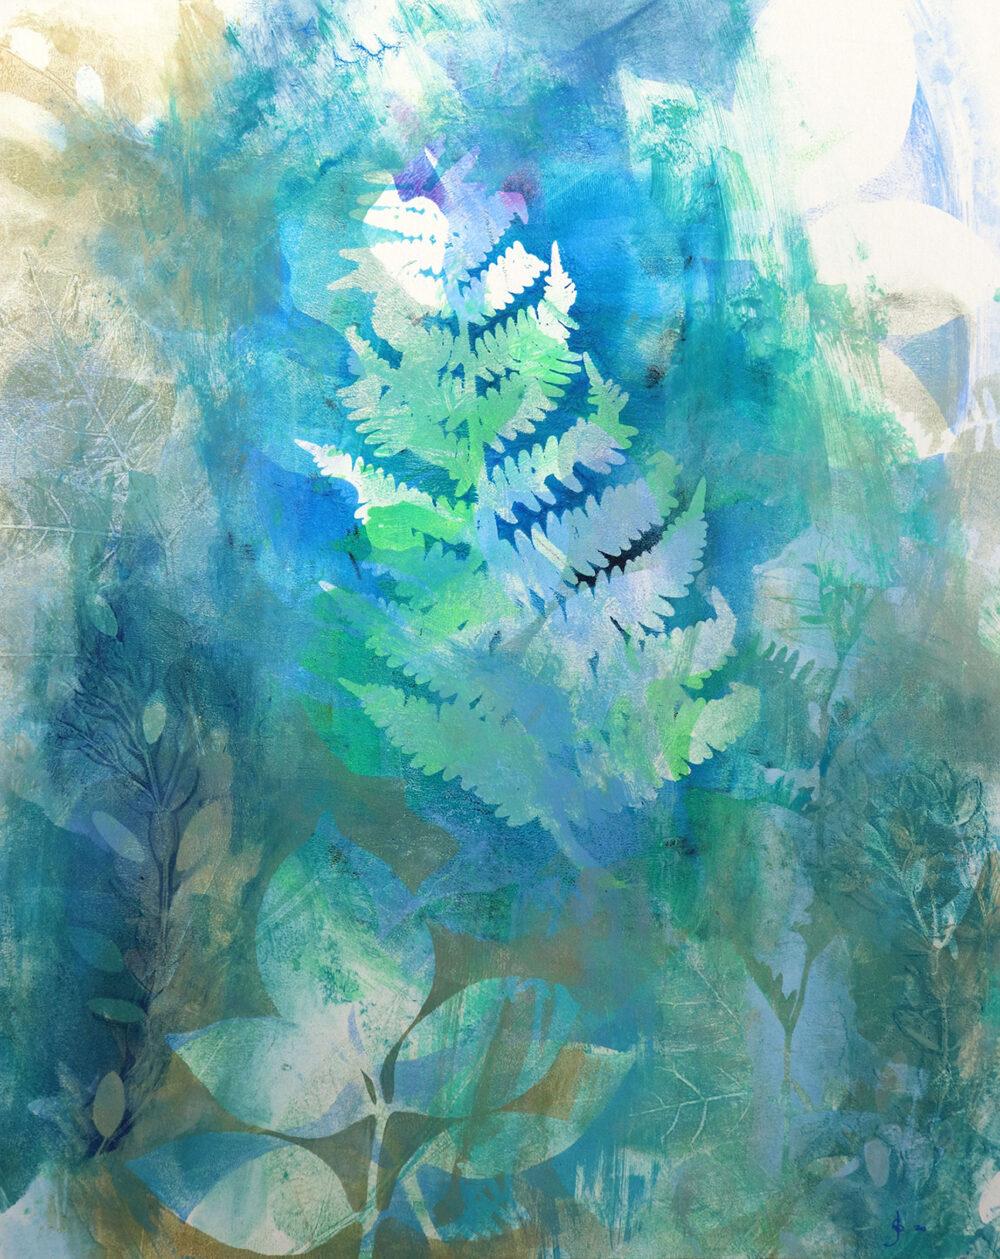 abstrait-botanique-fougere-artiste-peintre-carine-genadry